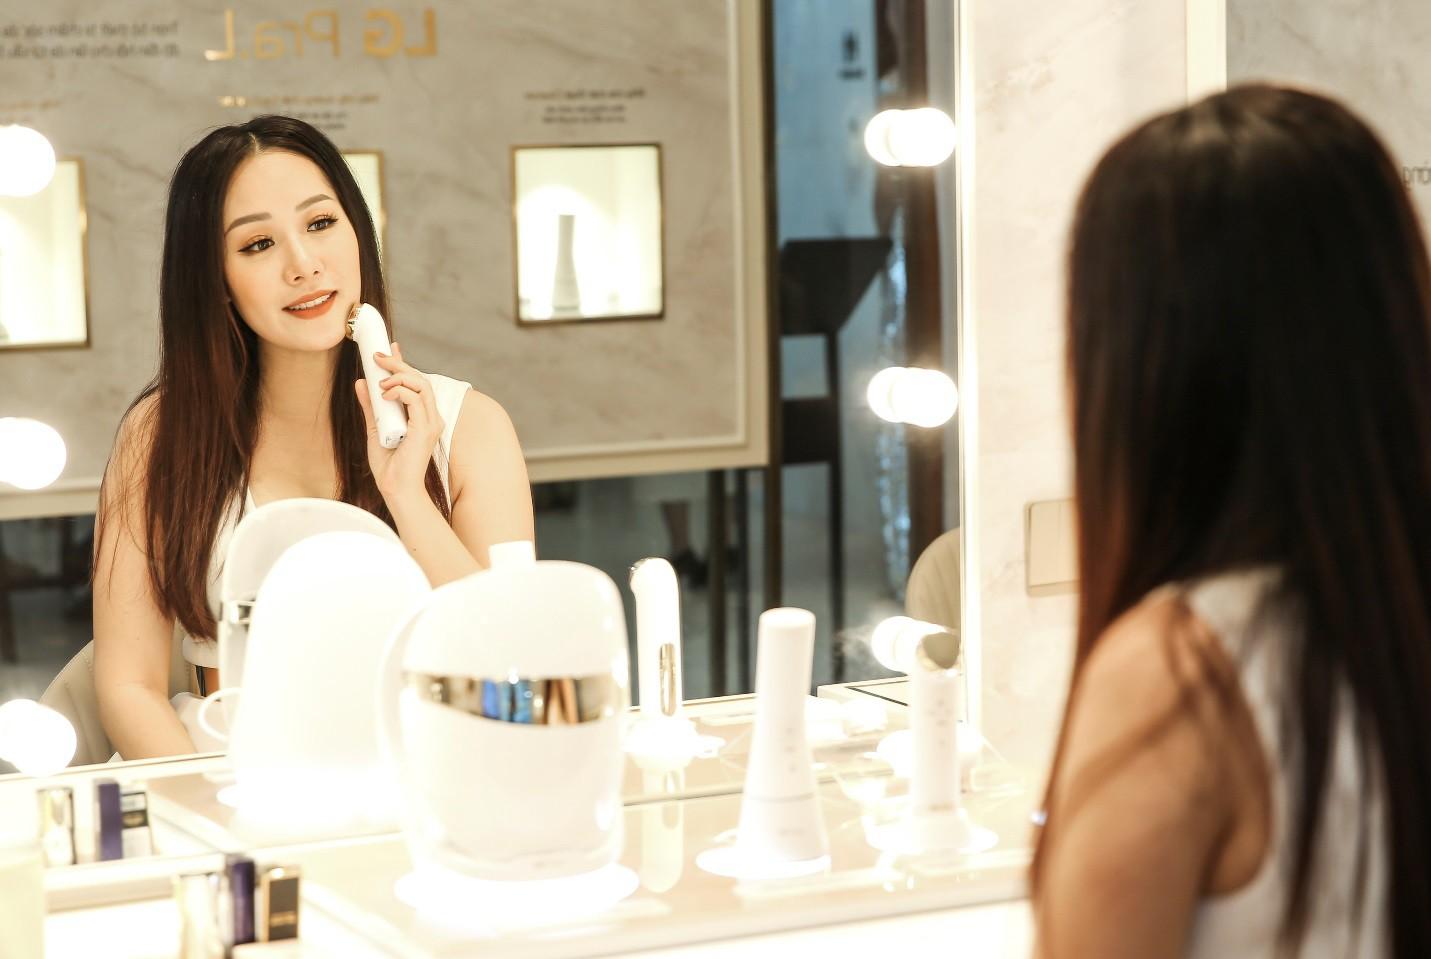 Hariwon, Helly Tống, Sĩ Thanh cùng dàn hoa hậu Việt hào hứng trải nghiệm dòng sản phẩm công nghệ làm đẹp độc đáo - Ảnh 3.